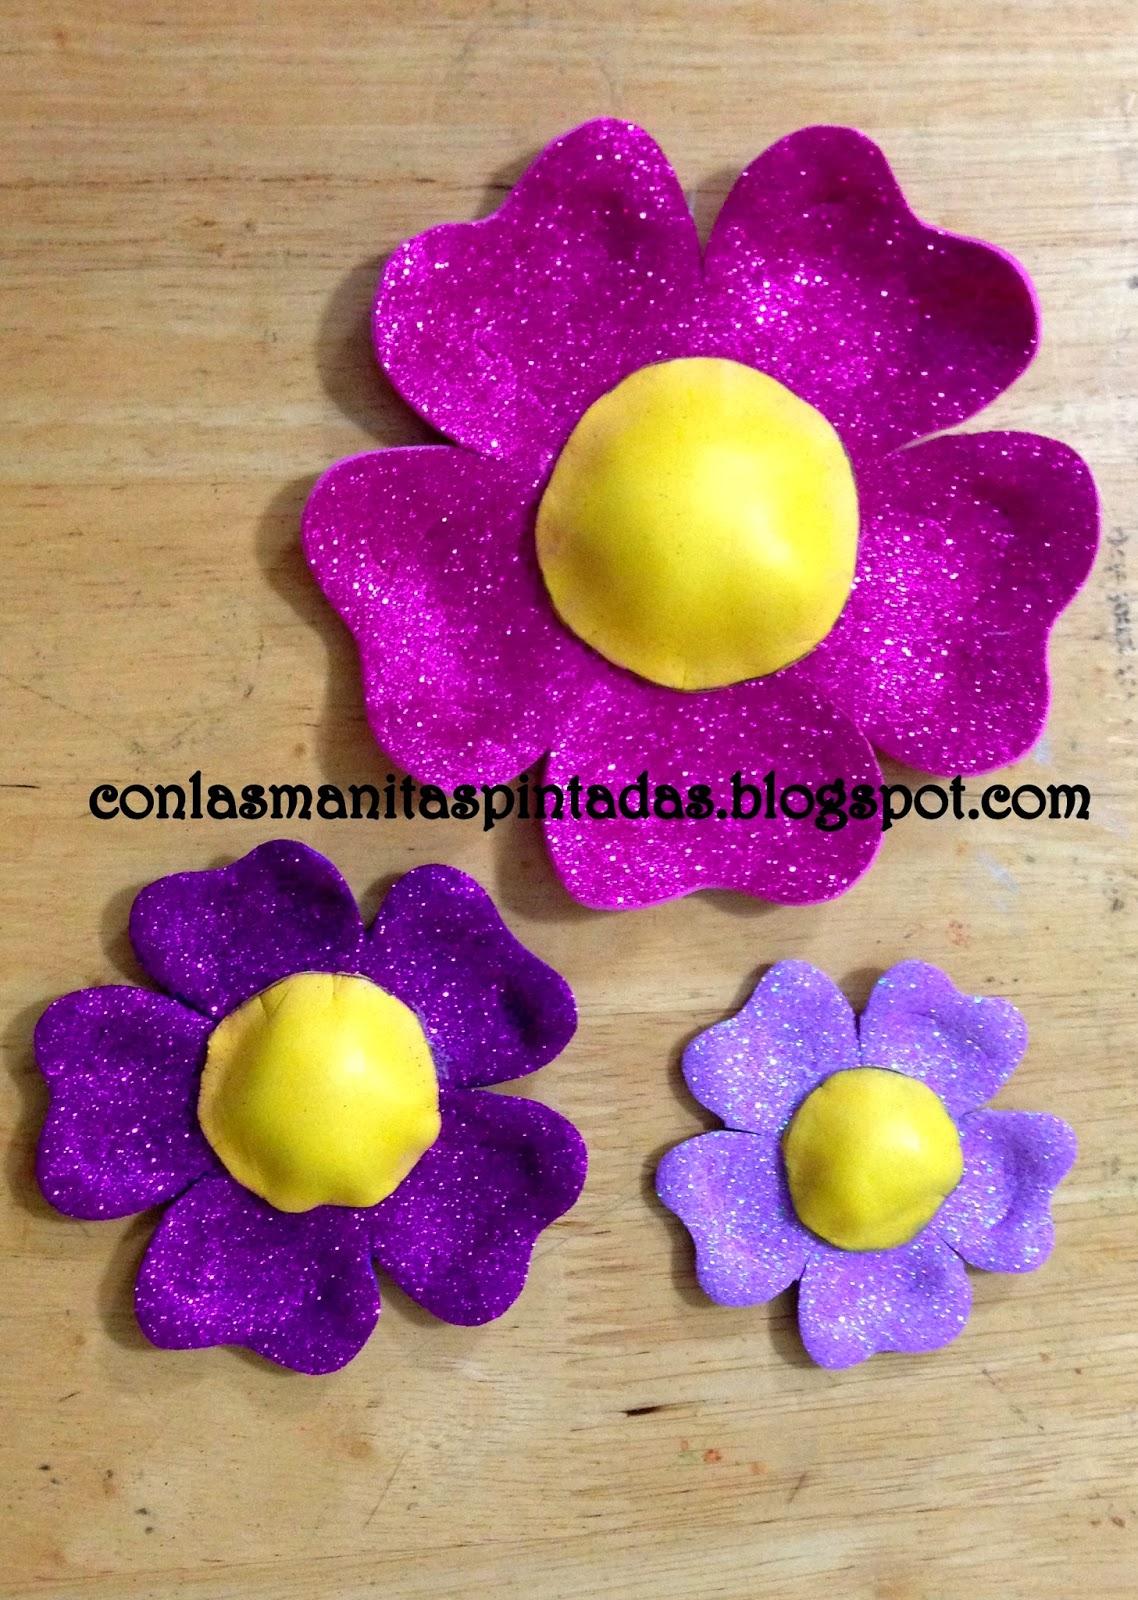 Con las manitas pintadas como hacer flores con goma eva - Www como hacer flores com ...